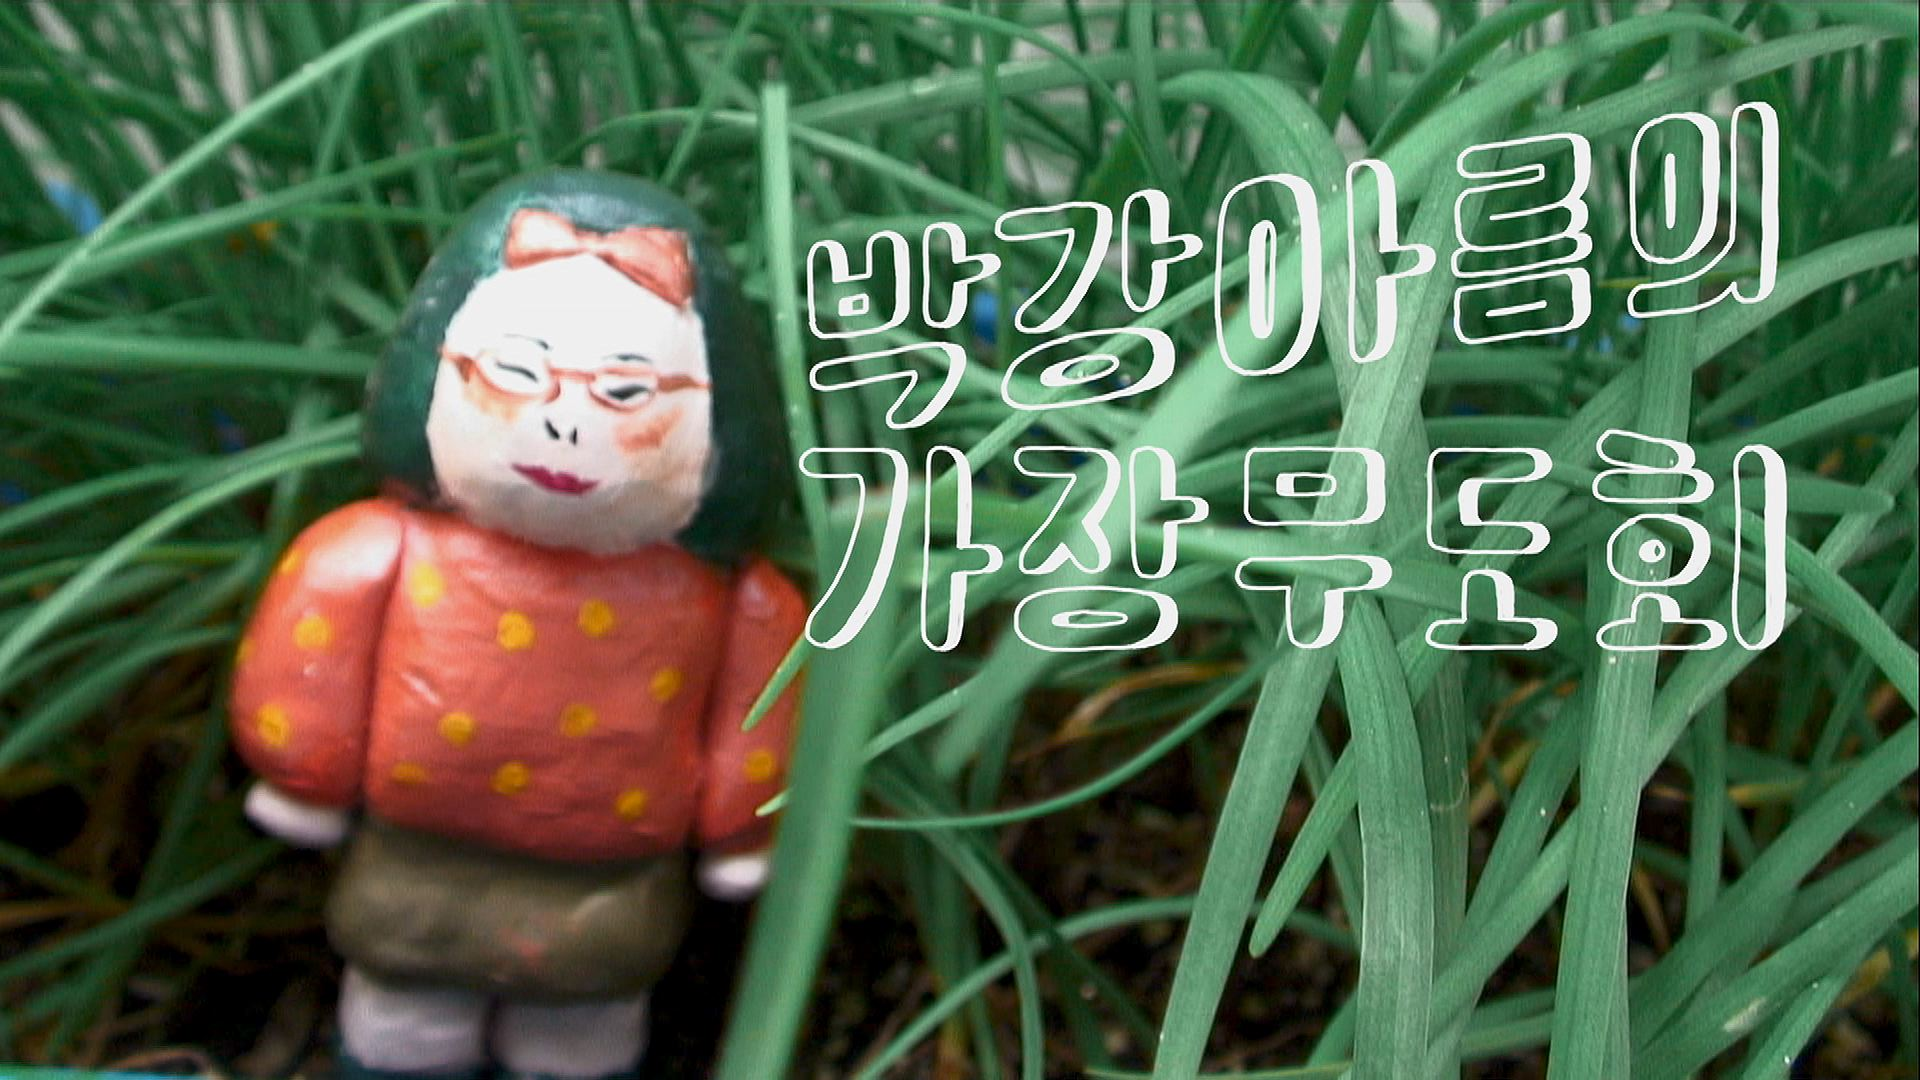 박강아름의 가장무도회의 스틸사진